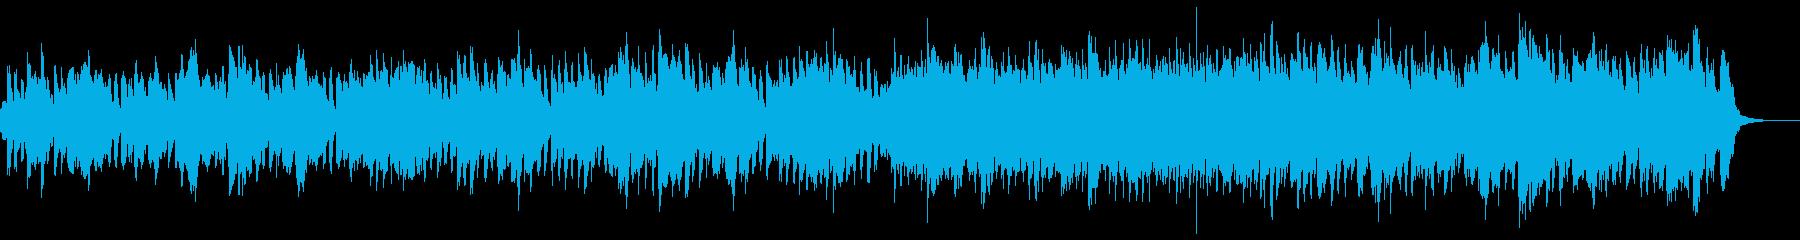 陽気なカントリーフィドルCM軽快疾走感dの再生済みの波形